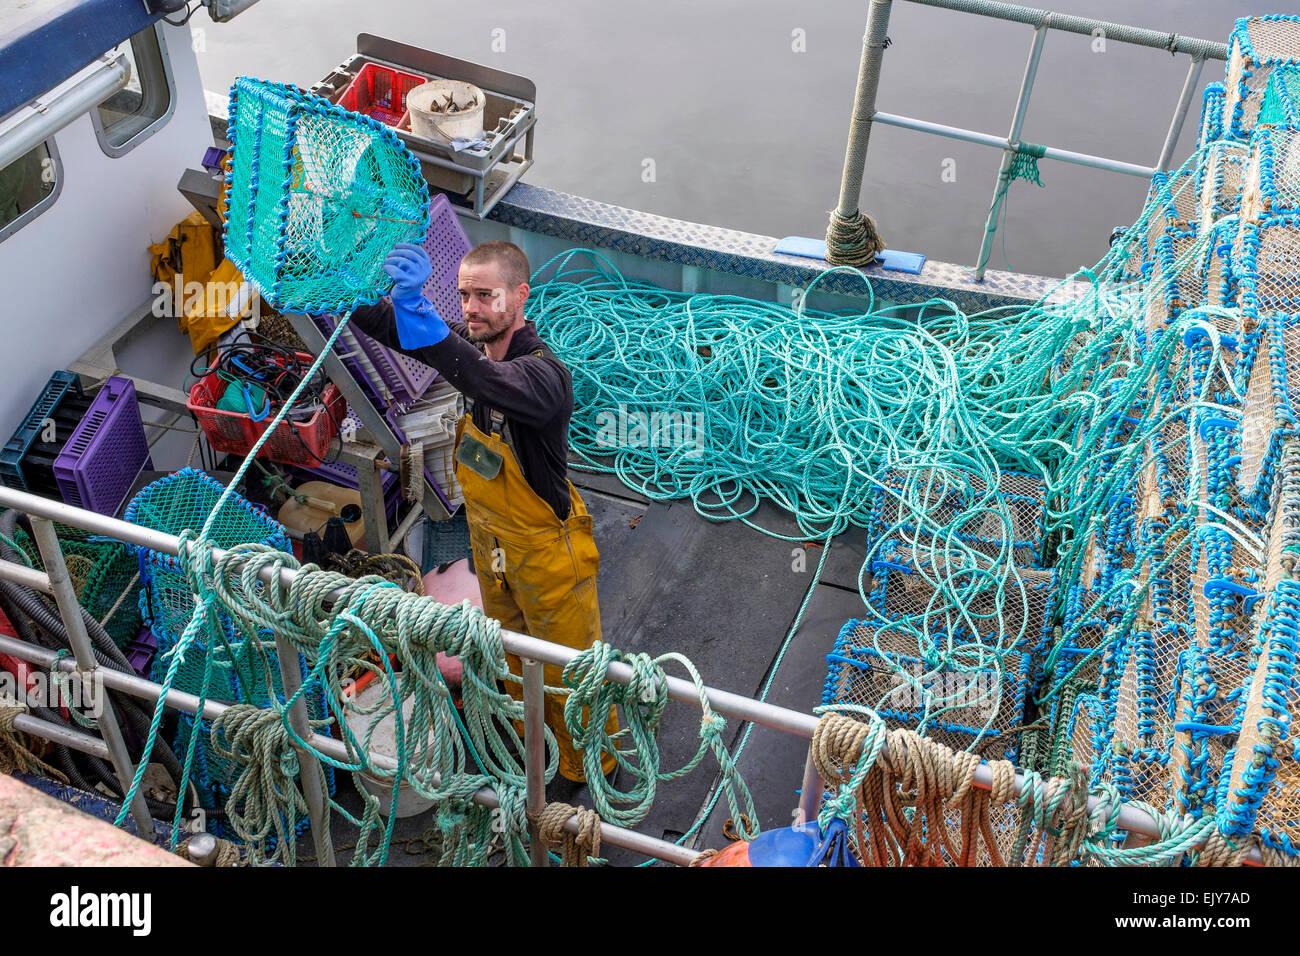 Neil McCulloch, pescatore di gamberi, caricando la sua barca da pesca con reti prima di uscire per andare a pesca Immagini Stock